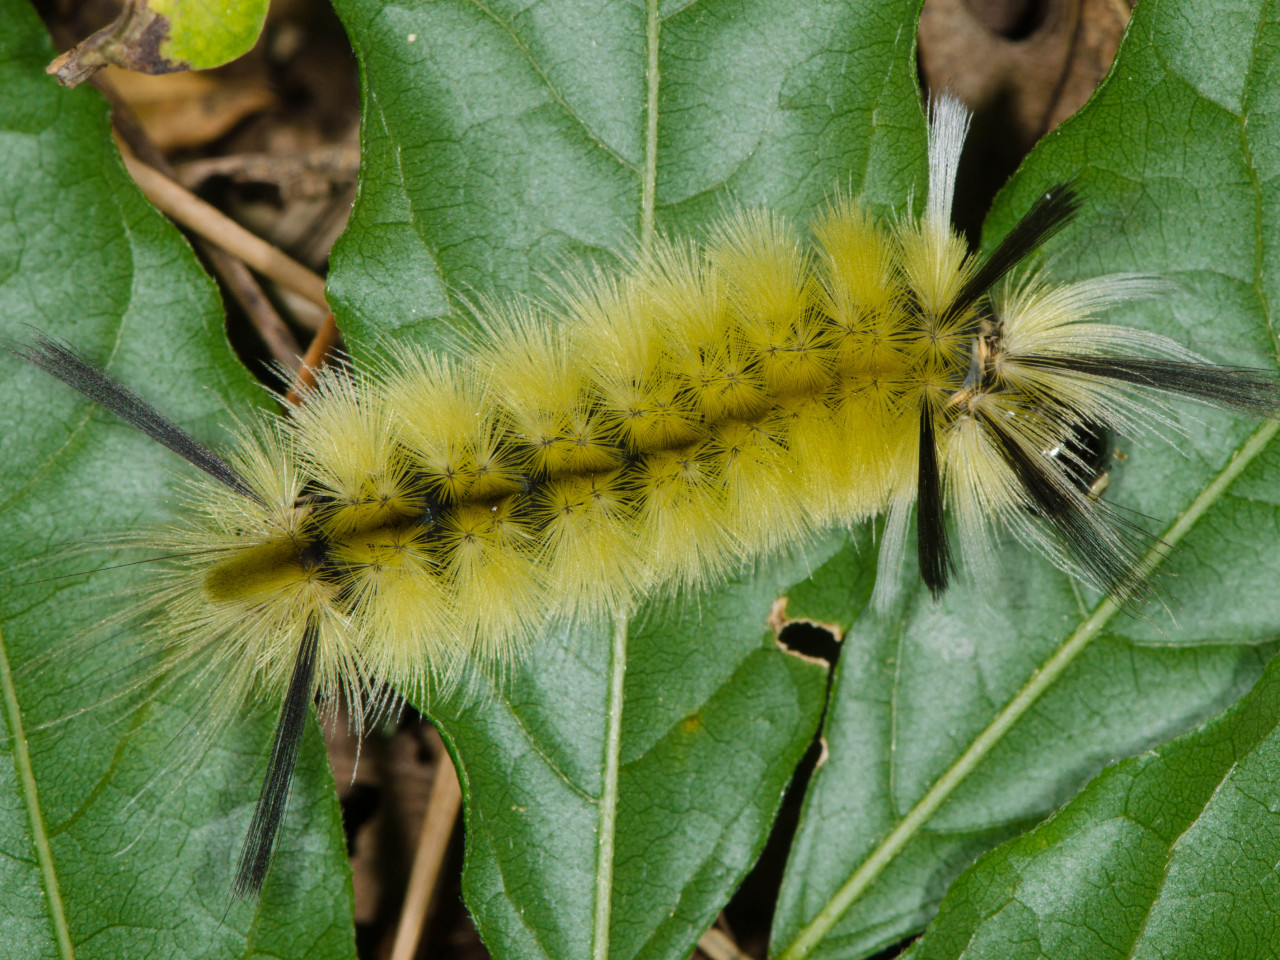 A Tussock lagarta da traça.  Esta espécie é conhecida por conter toxinas que ele recebe das plantas que come, é por isso que estas lagartas pode apenas sentar-se ao ar livre, sem se preocupar muito com predadores.